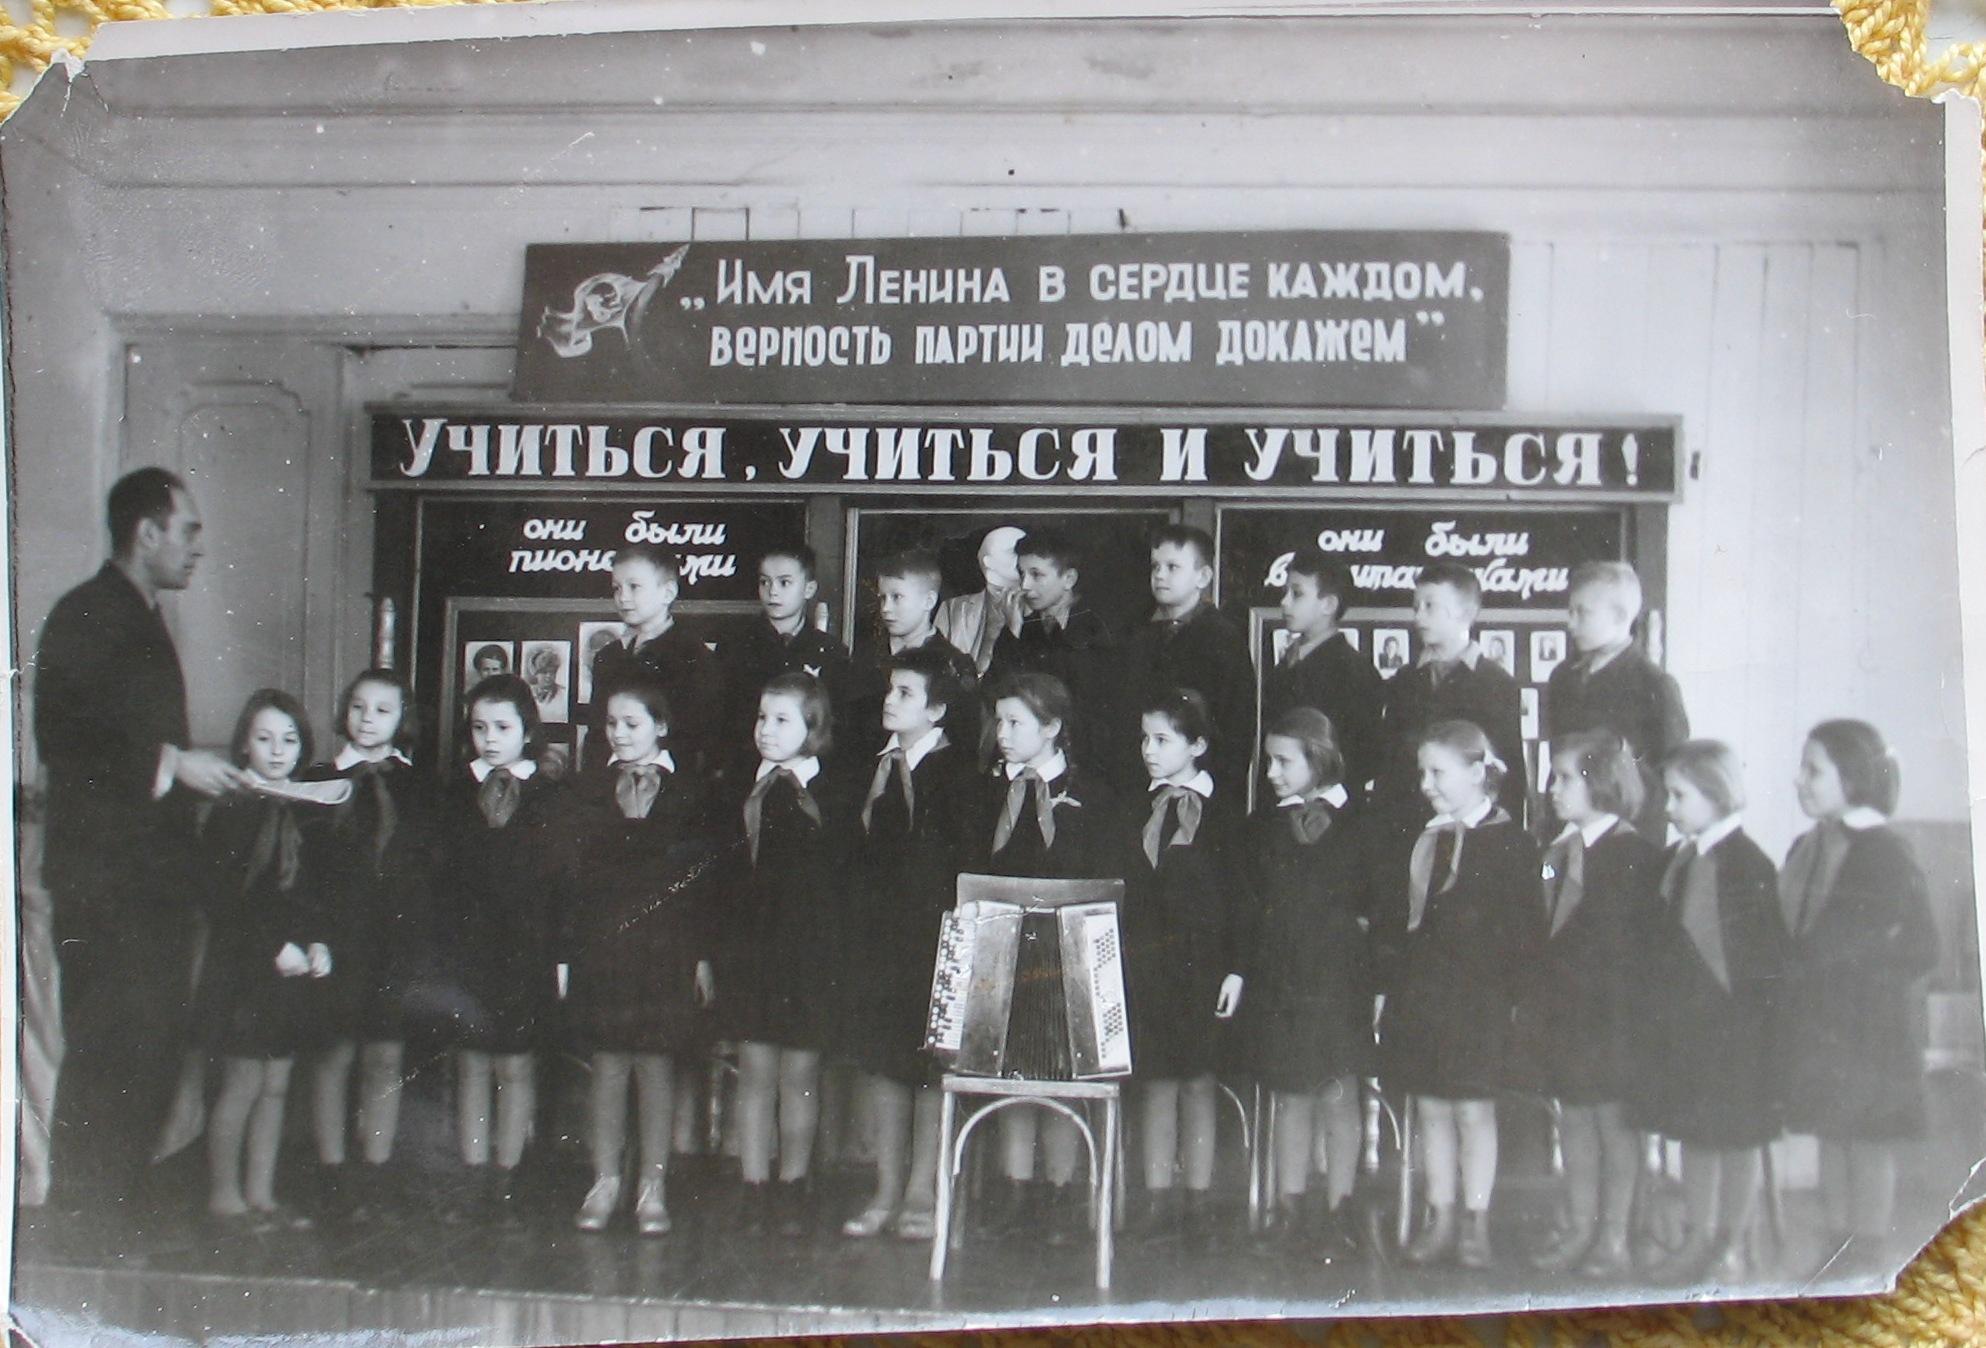 Яна суханевич фото 9 фотография